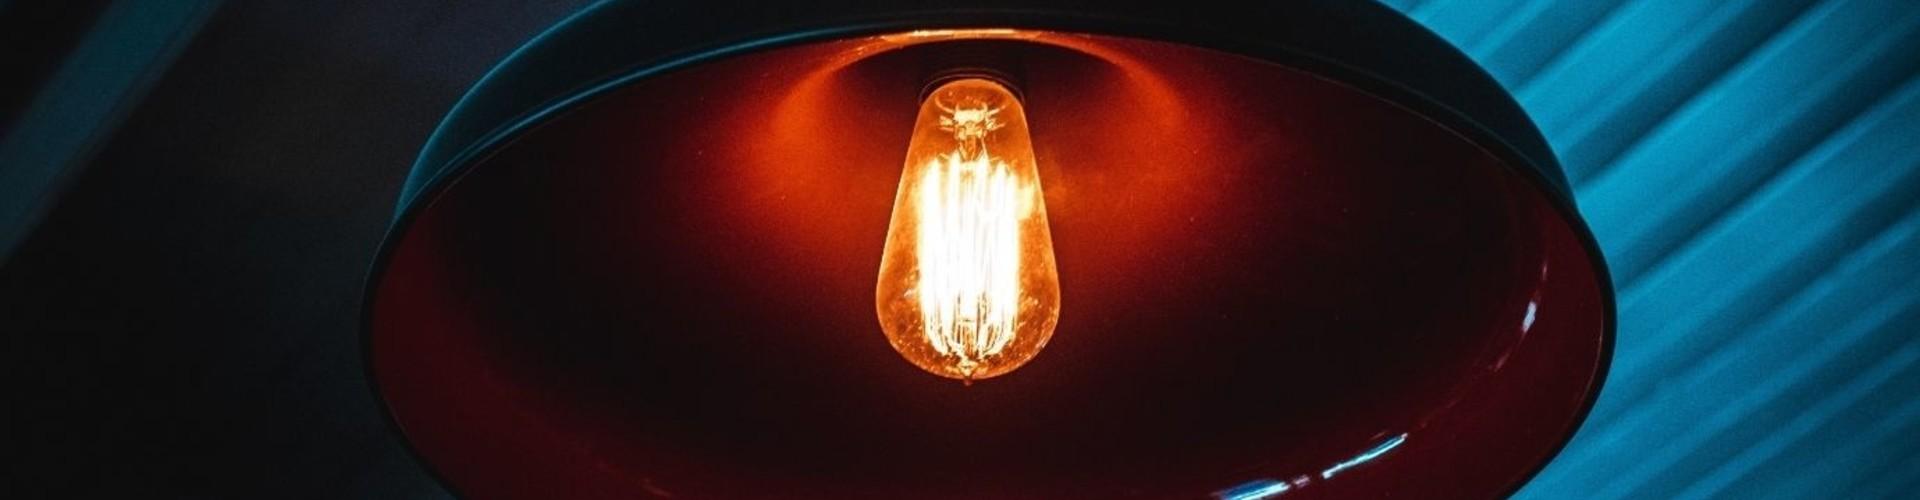 Plafondlamp - Lees meer over de meest gekozen lamp in het interieur